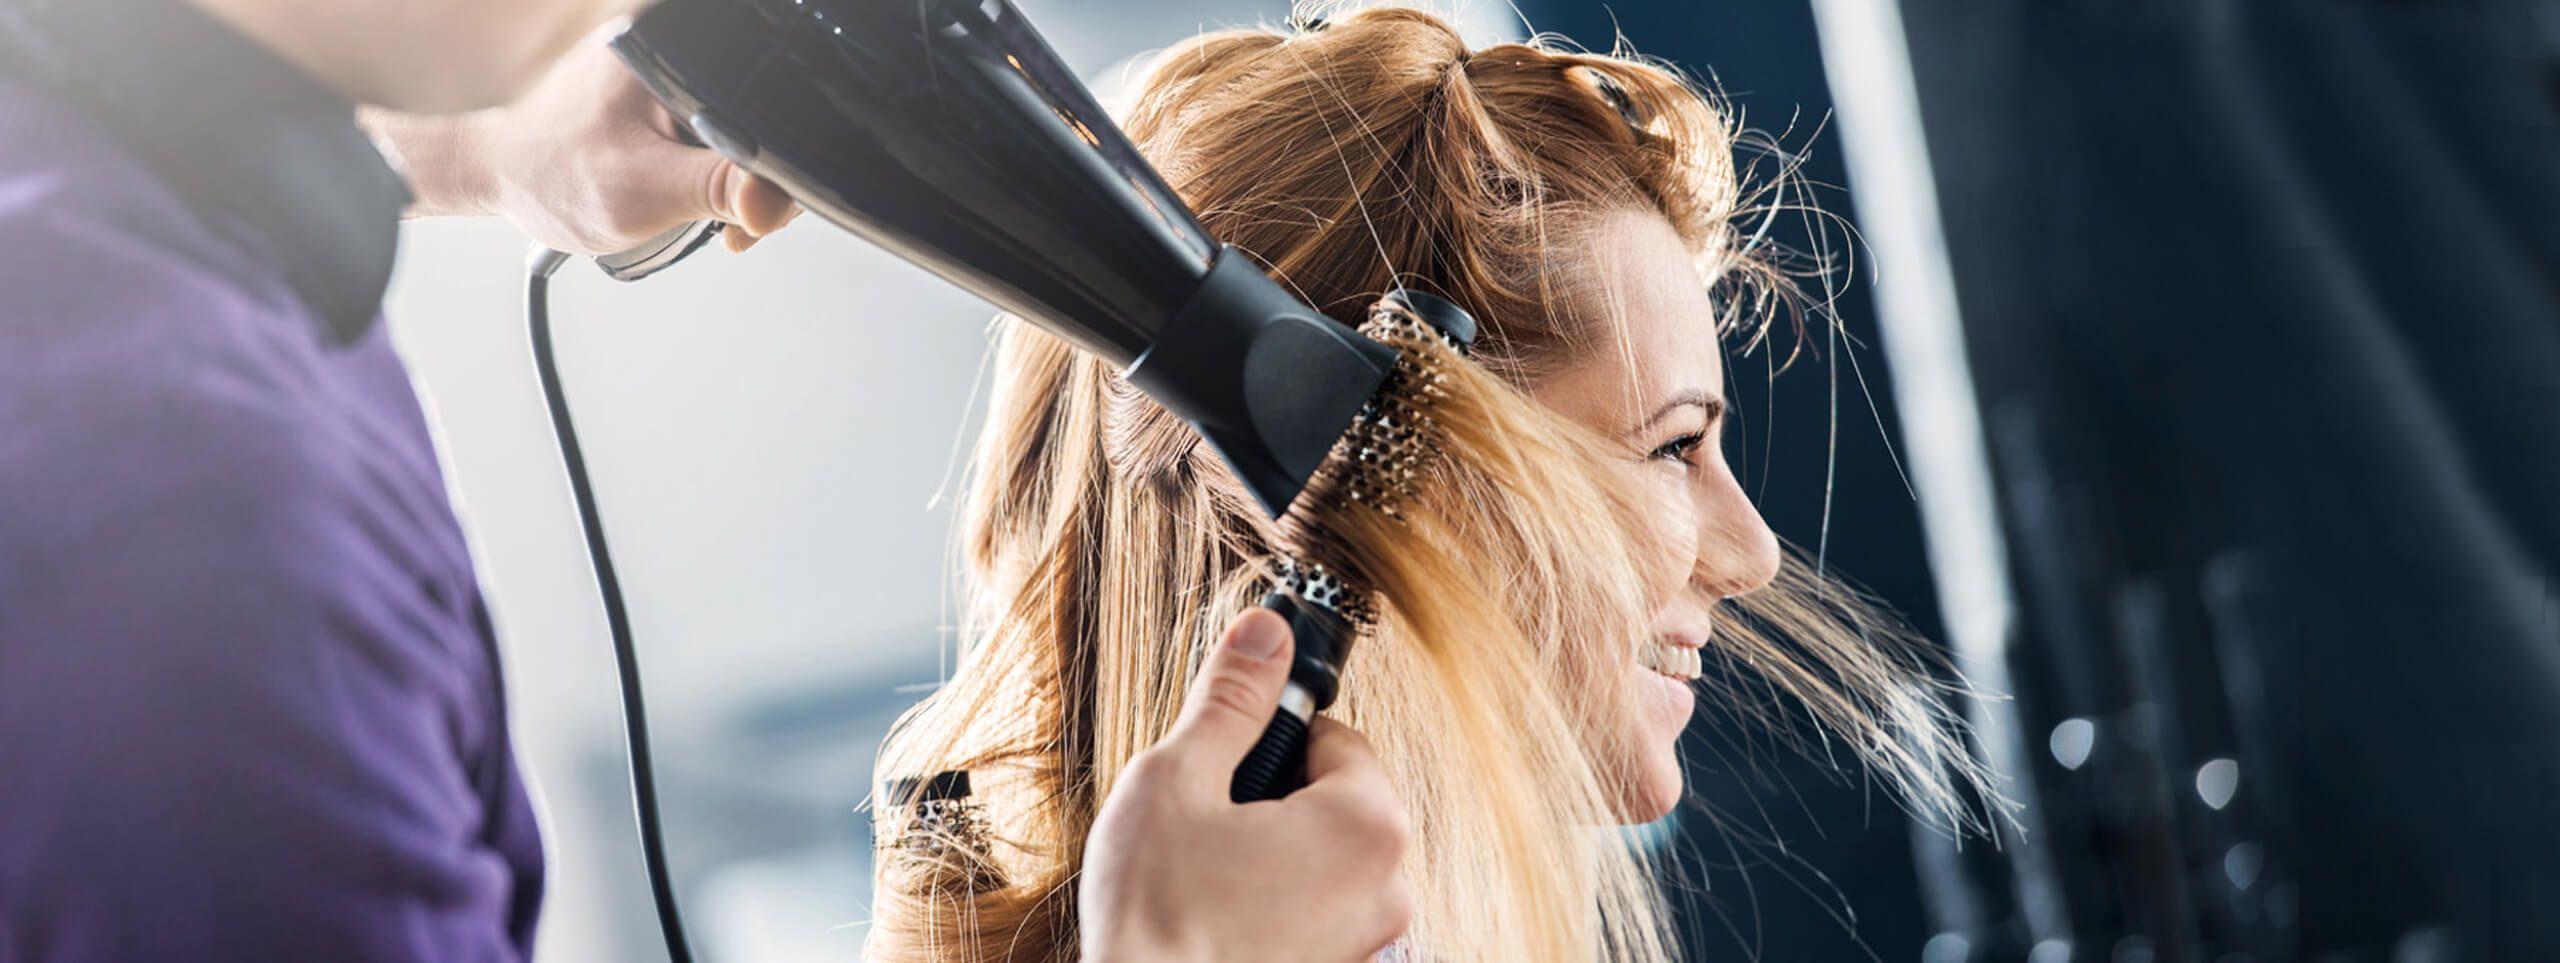 Mannequin se faisant coiffer